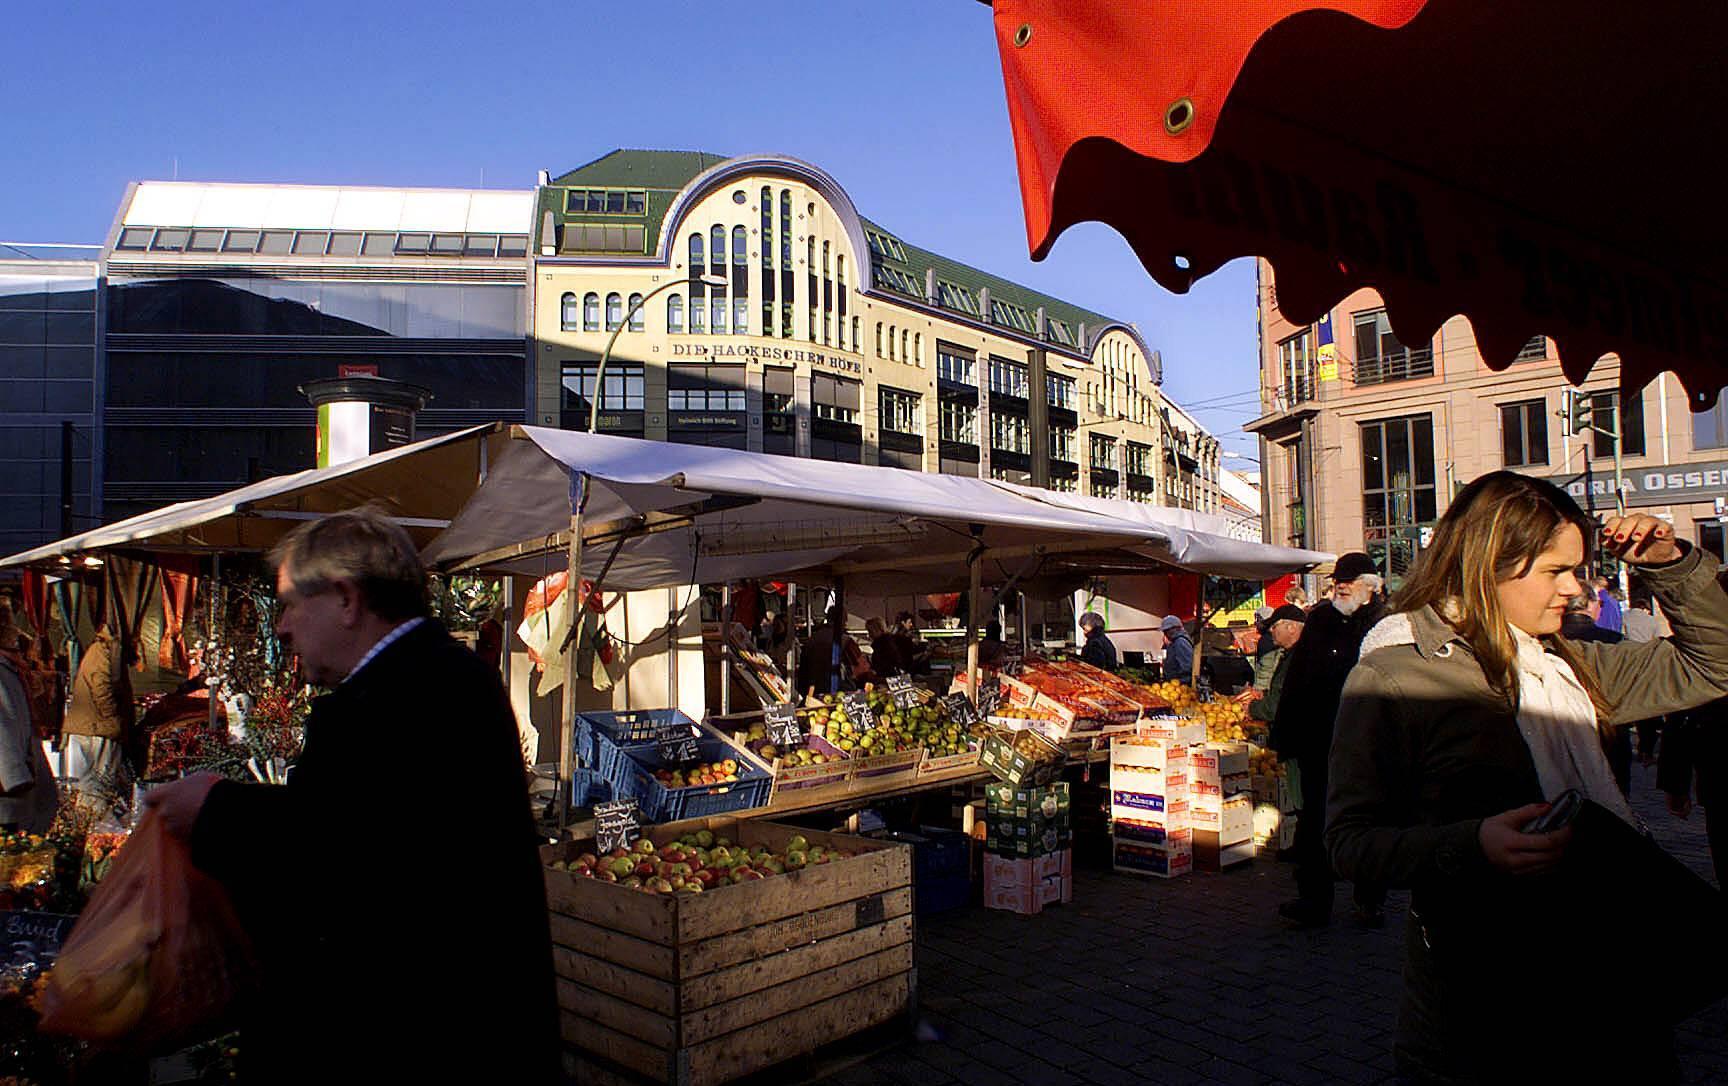 Jeden Samstag verwandelt sich der Platz vor dem S-Bahnhof Hackescher Markt in den Feinschmecker und Kunstmarkt.